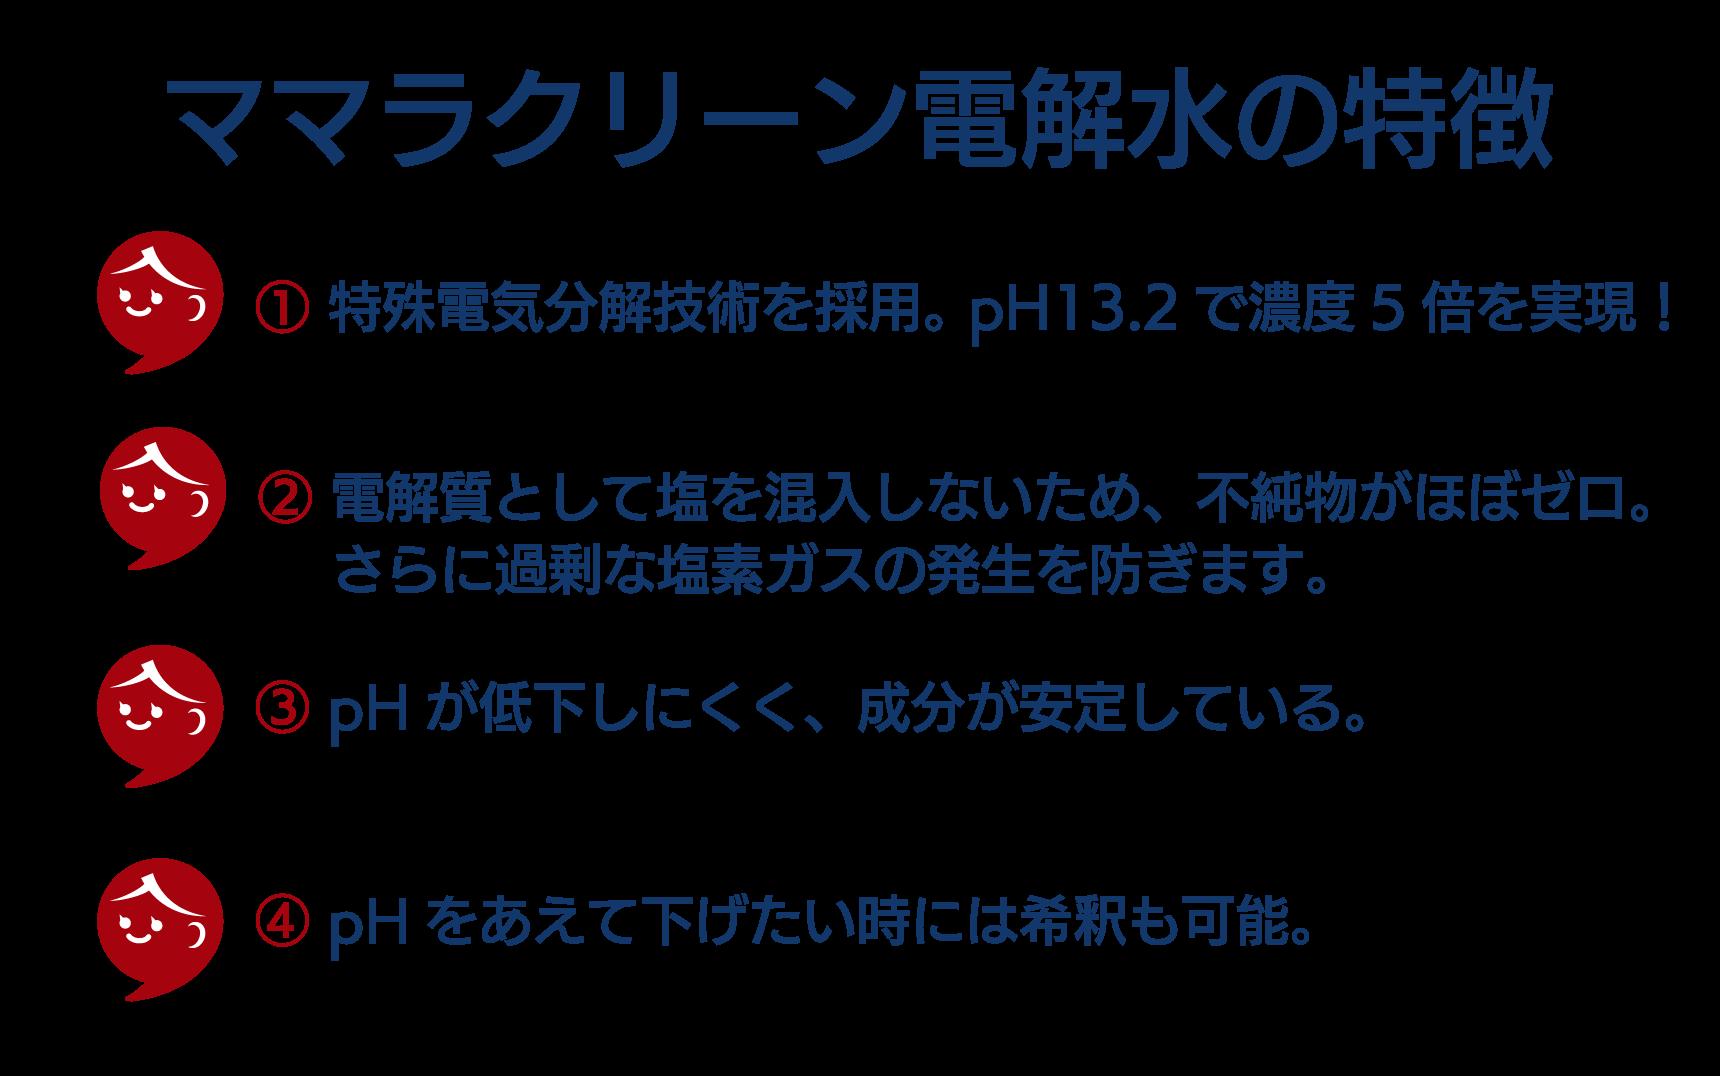 ママラクリーン電解水の特徴 ①特殊電気分解技術を採用。pH13.2で濃度5倍を実現! ②電解質として塩を混入しないため、不純物がほぼゼロ。さらに過剰な塩素ガスの発生を防ぎます。 ③pHが低下しにくく、成分が安定している。 ④pHをあえて下げたい時には希釈も可能。